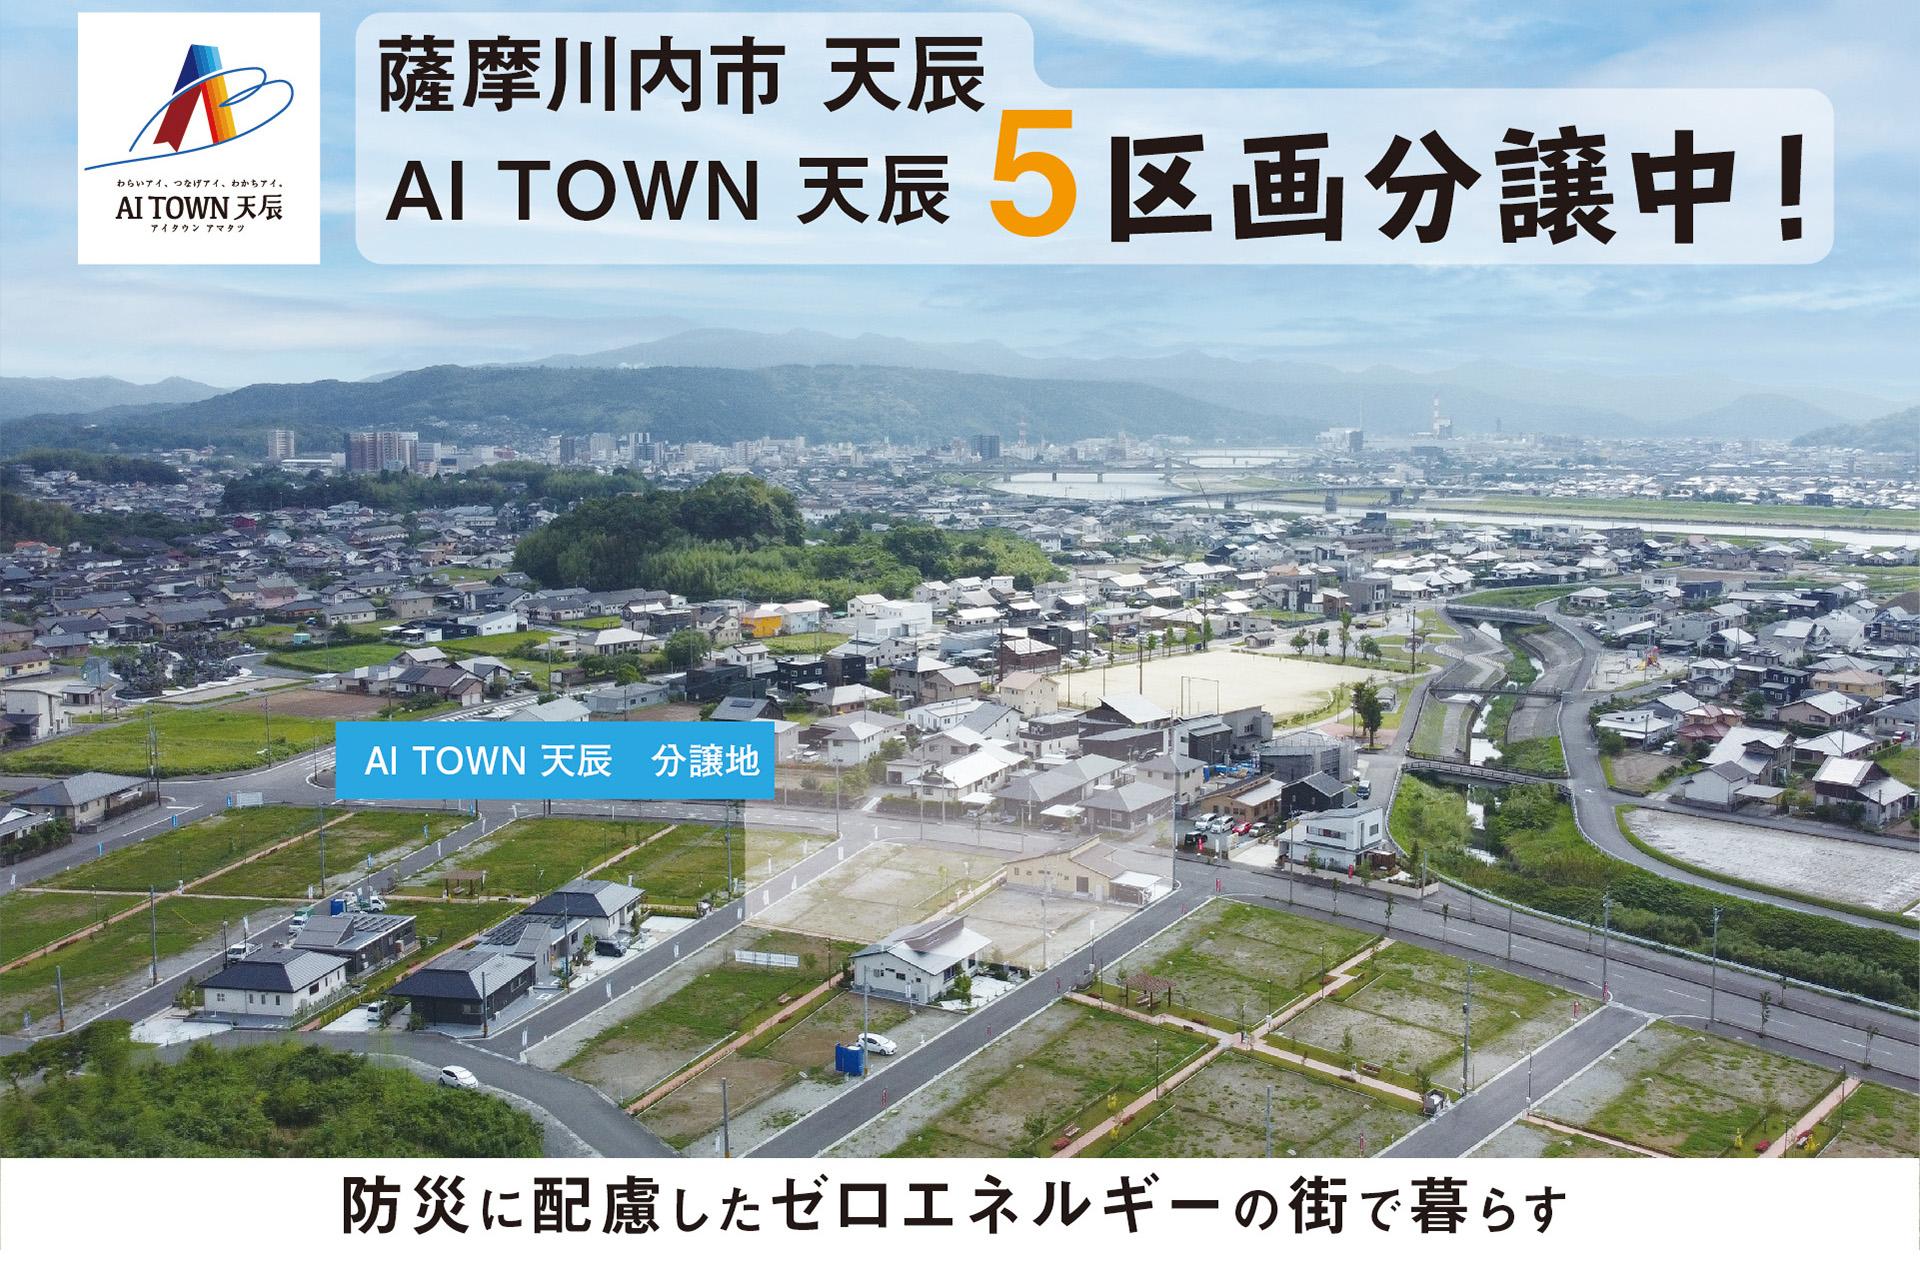 【5区画分譲中】薩摩川内市天辰町『アイタウン天辰』